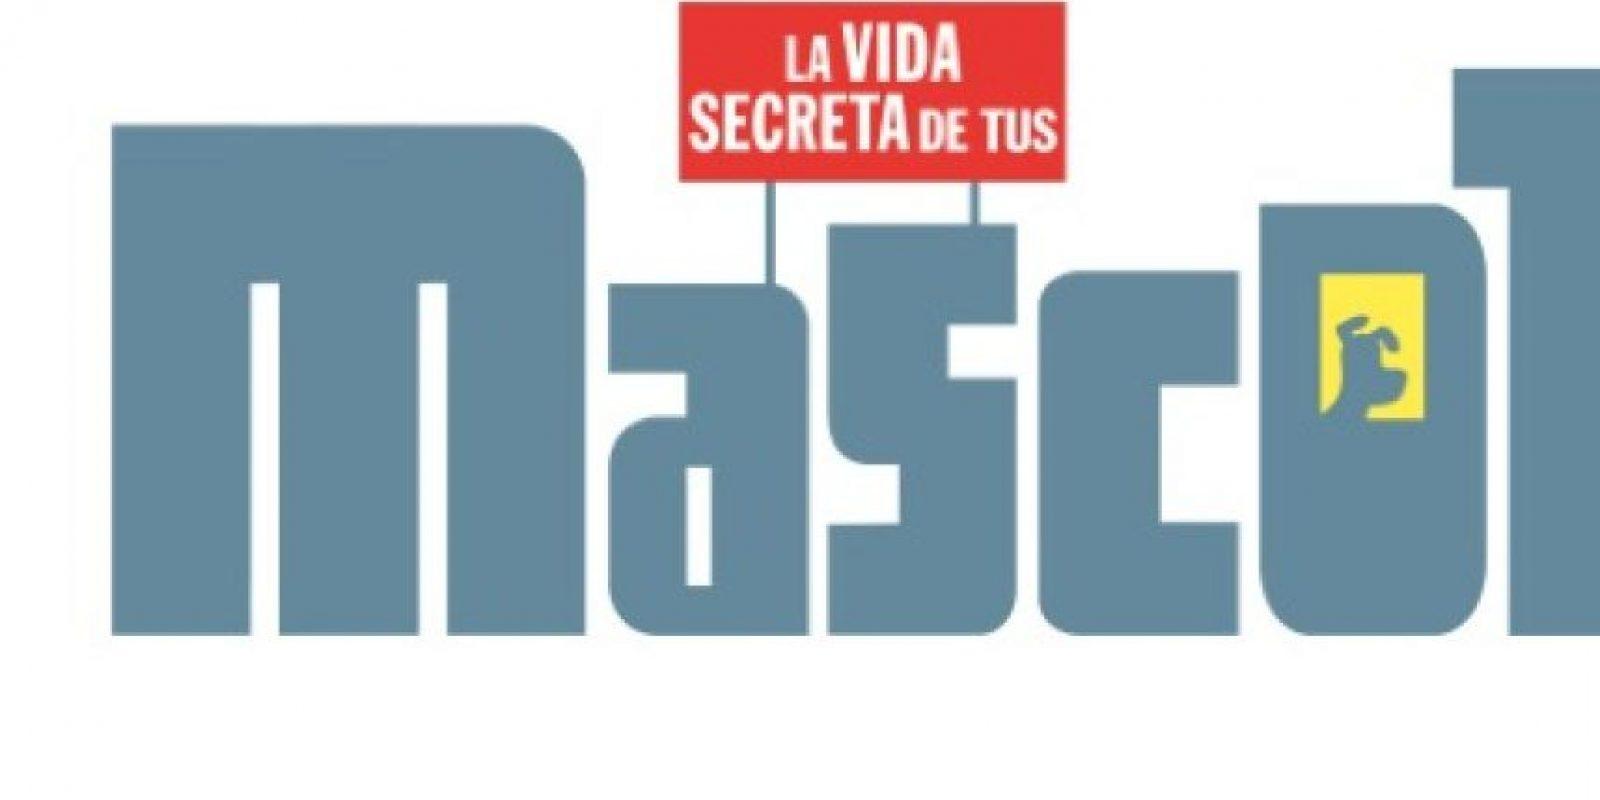 Foto:Facebook/Mascotas.LaPelicula